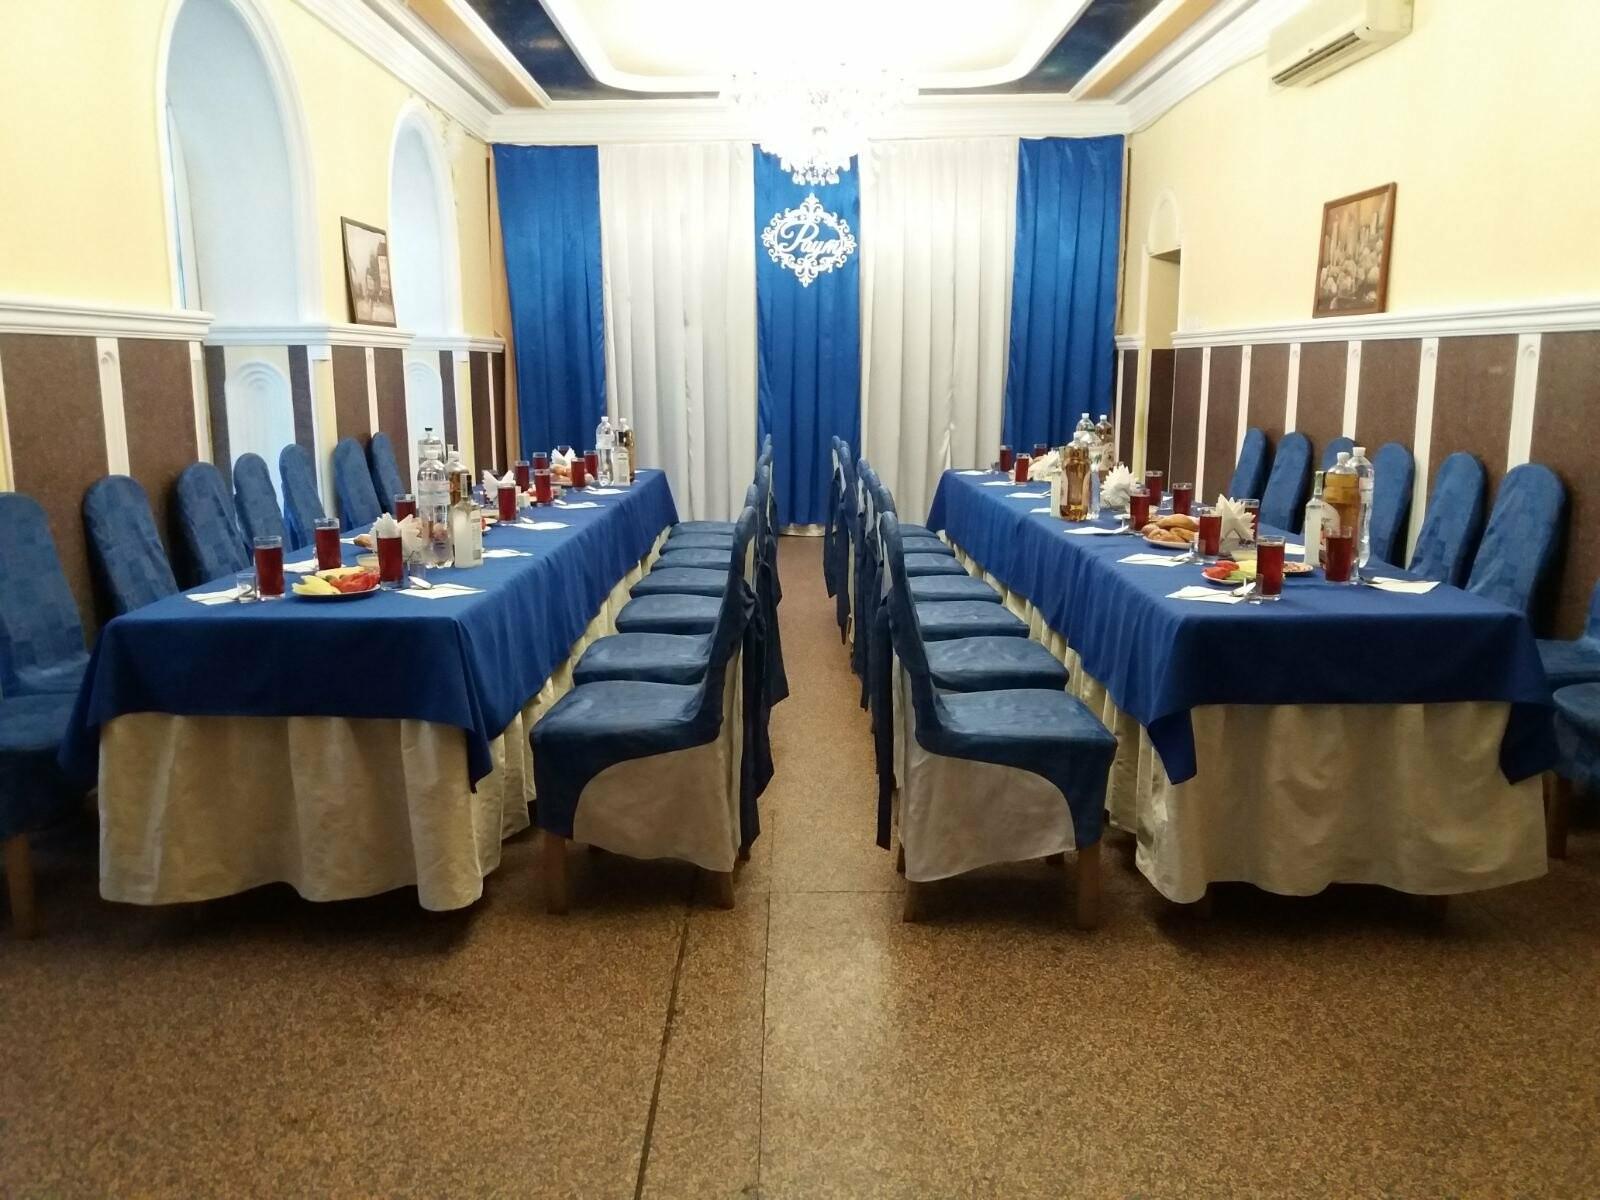 поминальные обеды в Запорожье, заказать зал на поминки в Запорожье, поминки в Запорожье, проведение поминальных обедов в Запорожье